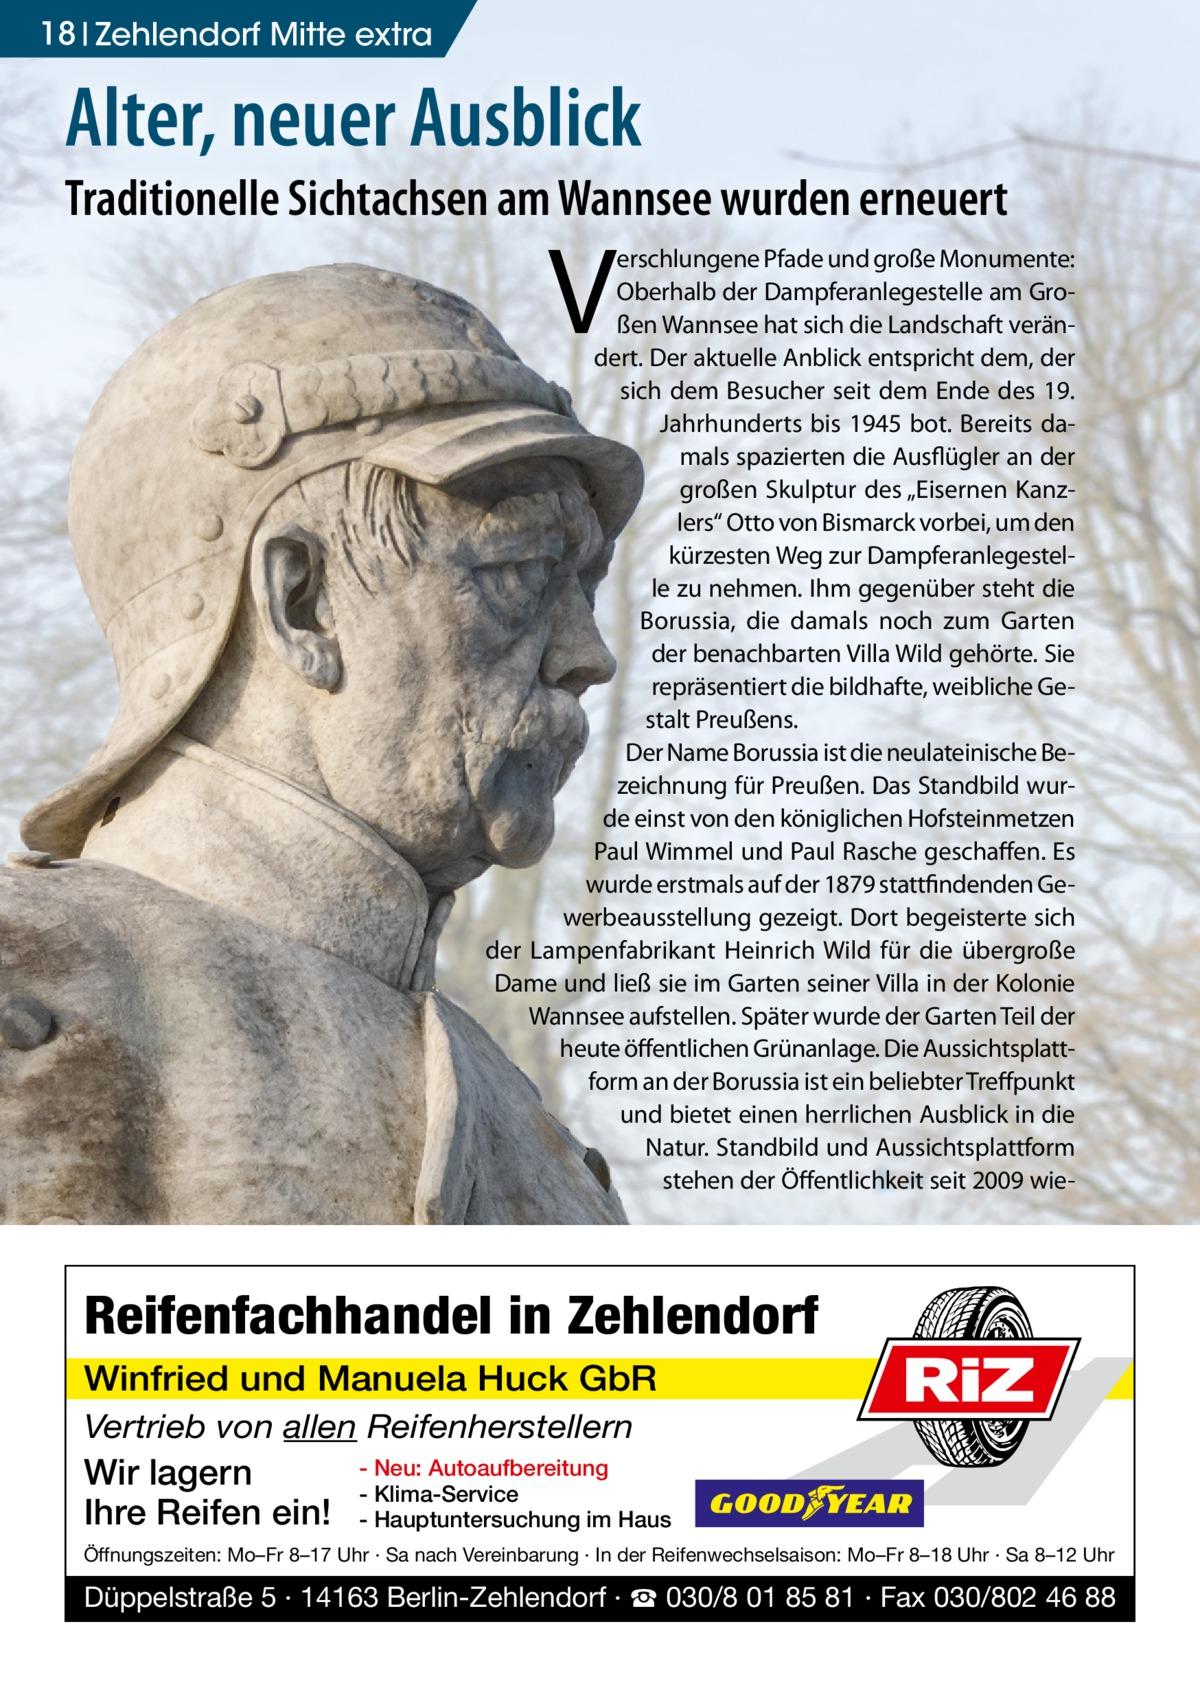 """18 Zehlendorf Mitte extra  Alter, neuer Ausblick  Traditionelle Sichtachsen am Wannsee wurden erneuert  V  erschlungene Pfade und große Monumente: Oberhalb der Dampferanlegestelle am Großen Wannsee hat sich die Landschaft verändert. Der aktuelle Anblick entspricht dem, der sich dem Besucher seit dem Ende des 19. Jahrhunderts bis 1945 bot. Bereits damals spazierten die Ausflügler an der großen Skulptur des """"Eisernen Kanzlers"""" Otto von Bismarck vorbei, um den kürzesten Weg zur Dampferanlegestelle zu nehmen. Ihm gegenüber steht die Borussia, die damals noch zum Garten der benachbarten Villa Wild gehörte. Sie repräsentiert die bildhafte, weibliche Gestalt Preußens. Der Name Borussia ist die neulateinische Bezeichnung für Preußen. Das Standbild wurde einst von den königlichen Hofsteinmetzen Paul Wimmel und Paul Rasche geschaffen. Es wurde erstmals auf der 1879 stattfindenden Gewerbeausstellung gezeigt. Dort begeisterte sich der Lampenfabrikant Heinrich Wild für die übergroße Dame und ließ sie im Garten seiner Villa in der Kolonie Wannsee aufstellen. Später wurde der Garten Teil der heute öffentlichen Grünanlage. Die Aussichtsplattform an der Borussia ist ein beliebter Treffpunkt und bietet einen herrlichen Ausblick in die Natur. Standbild und Aussichtsplattform stehen der Öffentlichkeit seit 2009 wie Reifenfachhandel in Zehlendorf Winfried und Manuela Huck GbR Vertrieb von allen Reifenherstellern  Wir lagern Ihre Reifen ein!  RiZ  - Neu: Autoaufbereitung - Klima-Service - Hauptuntersuchung im Haus  Öffnungszeiten: Mo–Fr 8–17 Uhr · Sa nach Vereinbarung · In der Reifenwechselsaison: Mo–Fr 8–18 Uhr · Sa 8–12 Uhr  Düppelstraße 5 · 14163 Berlin-Zehlendorf · ☎ 030/8 01 85 81 · Fax 030/802 46 88"""